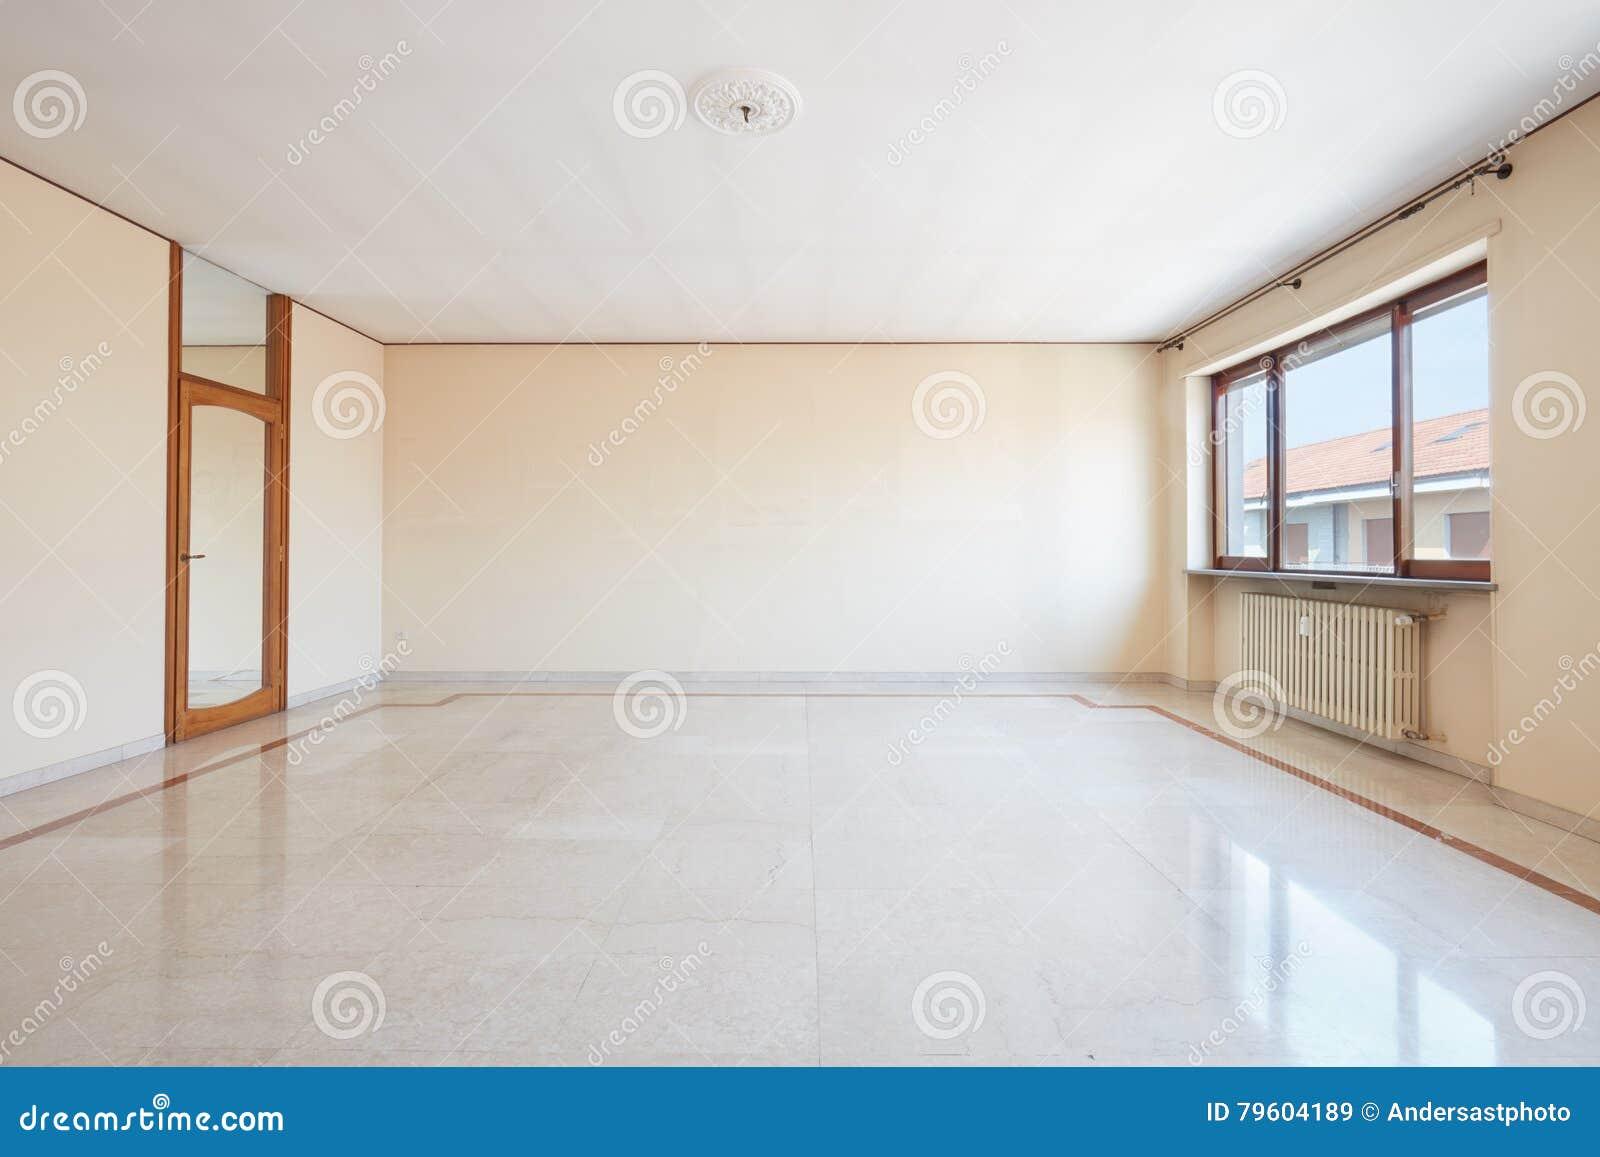 Marmer In Woonkamer : Grote lege woonkamer binnenlandse marmeren vloer stock afbeelding